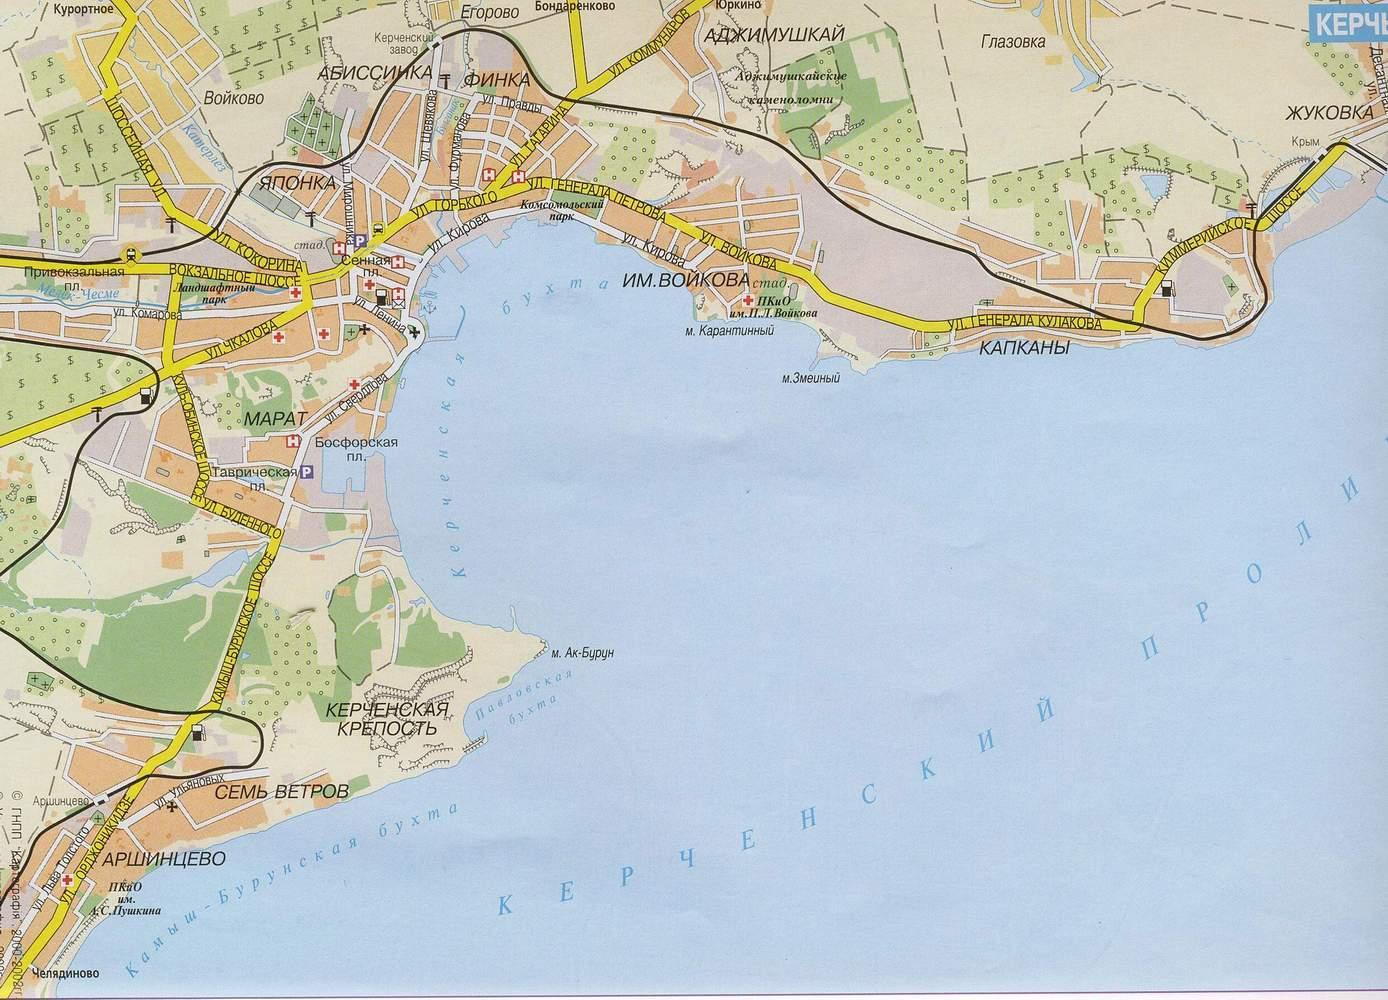 Карта города Керчь